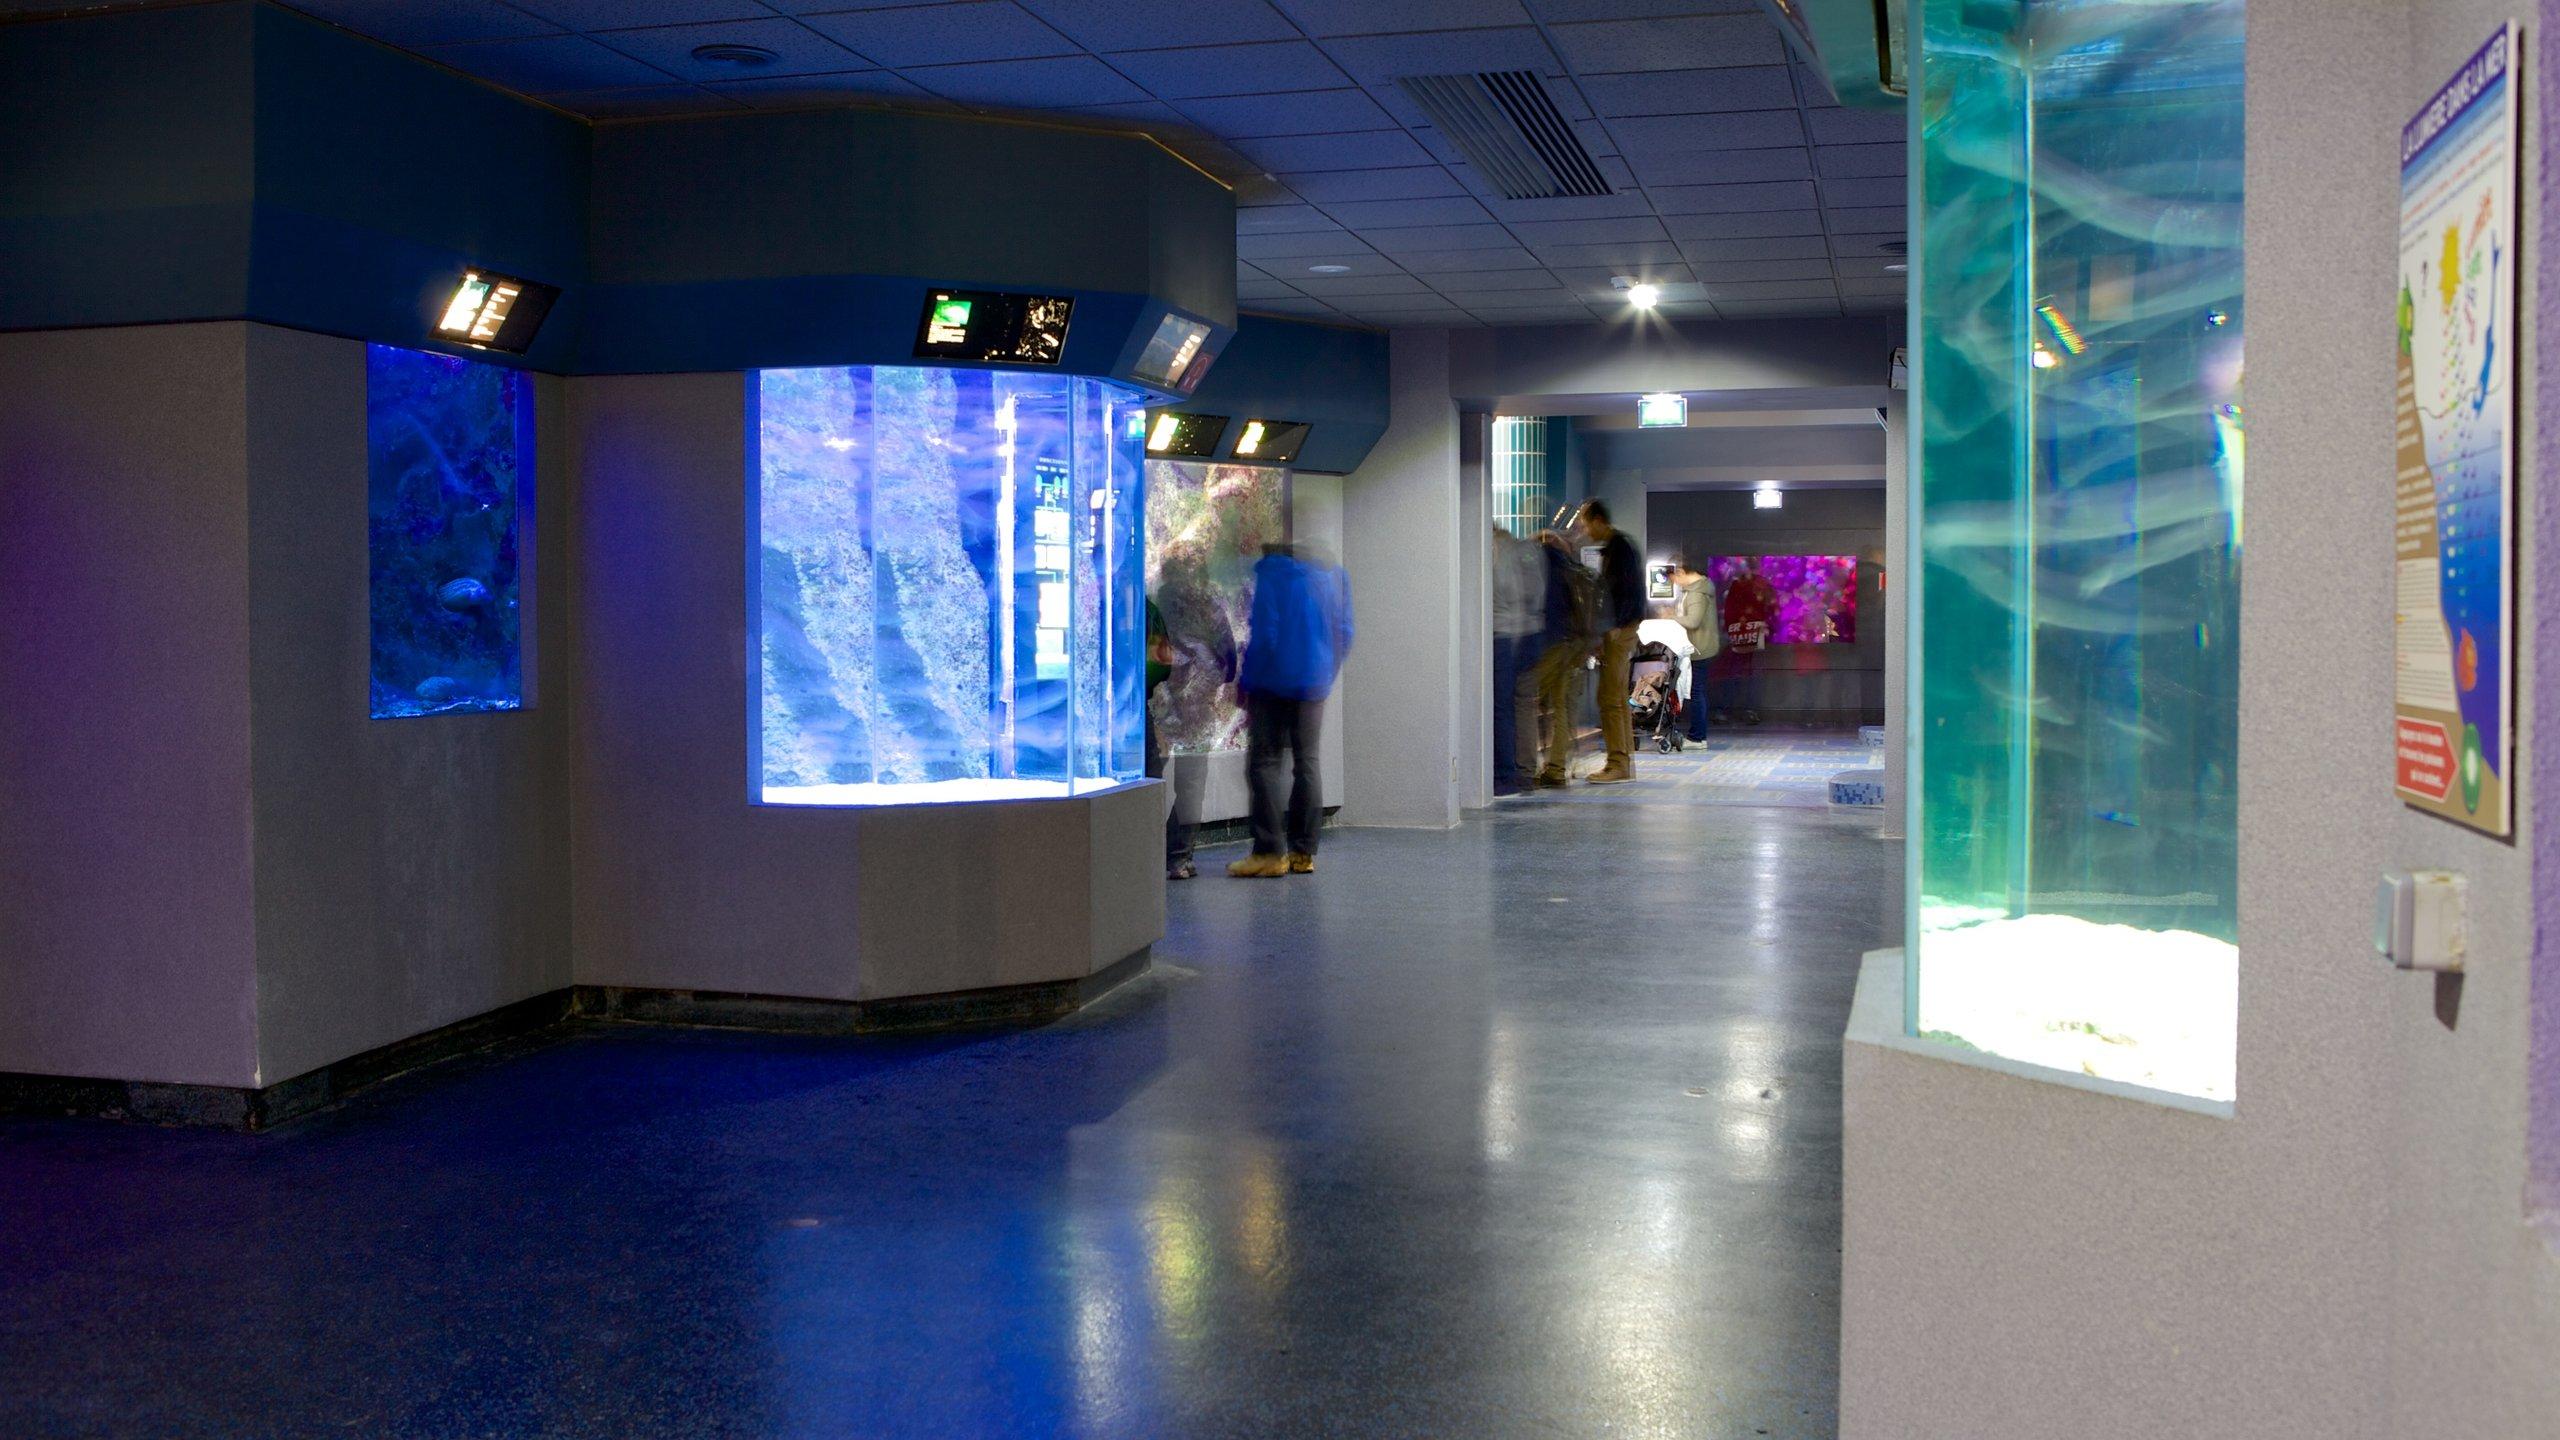 Acércate a un grupo de tiburones, observa a los animales alimentarse y aprende acerca de la historia ballenera de Biarritz en este museo y acuario.